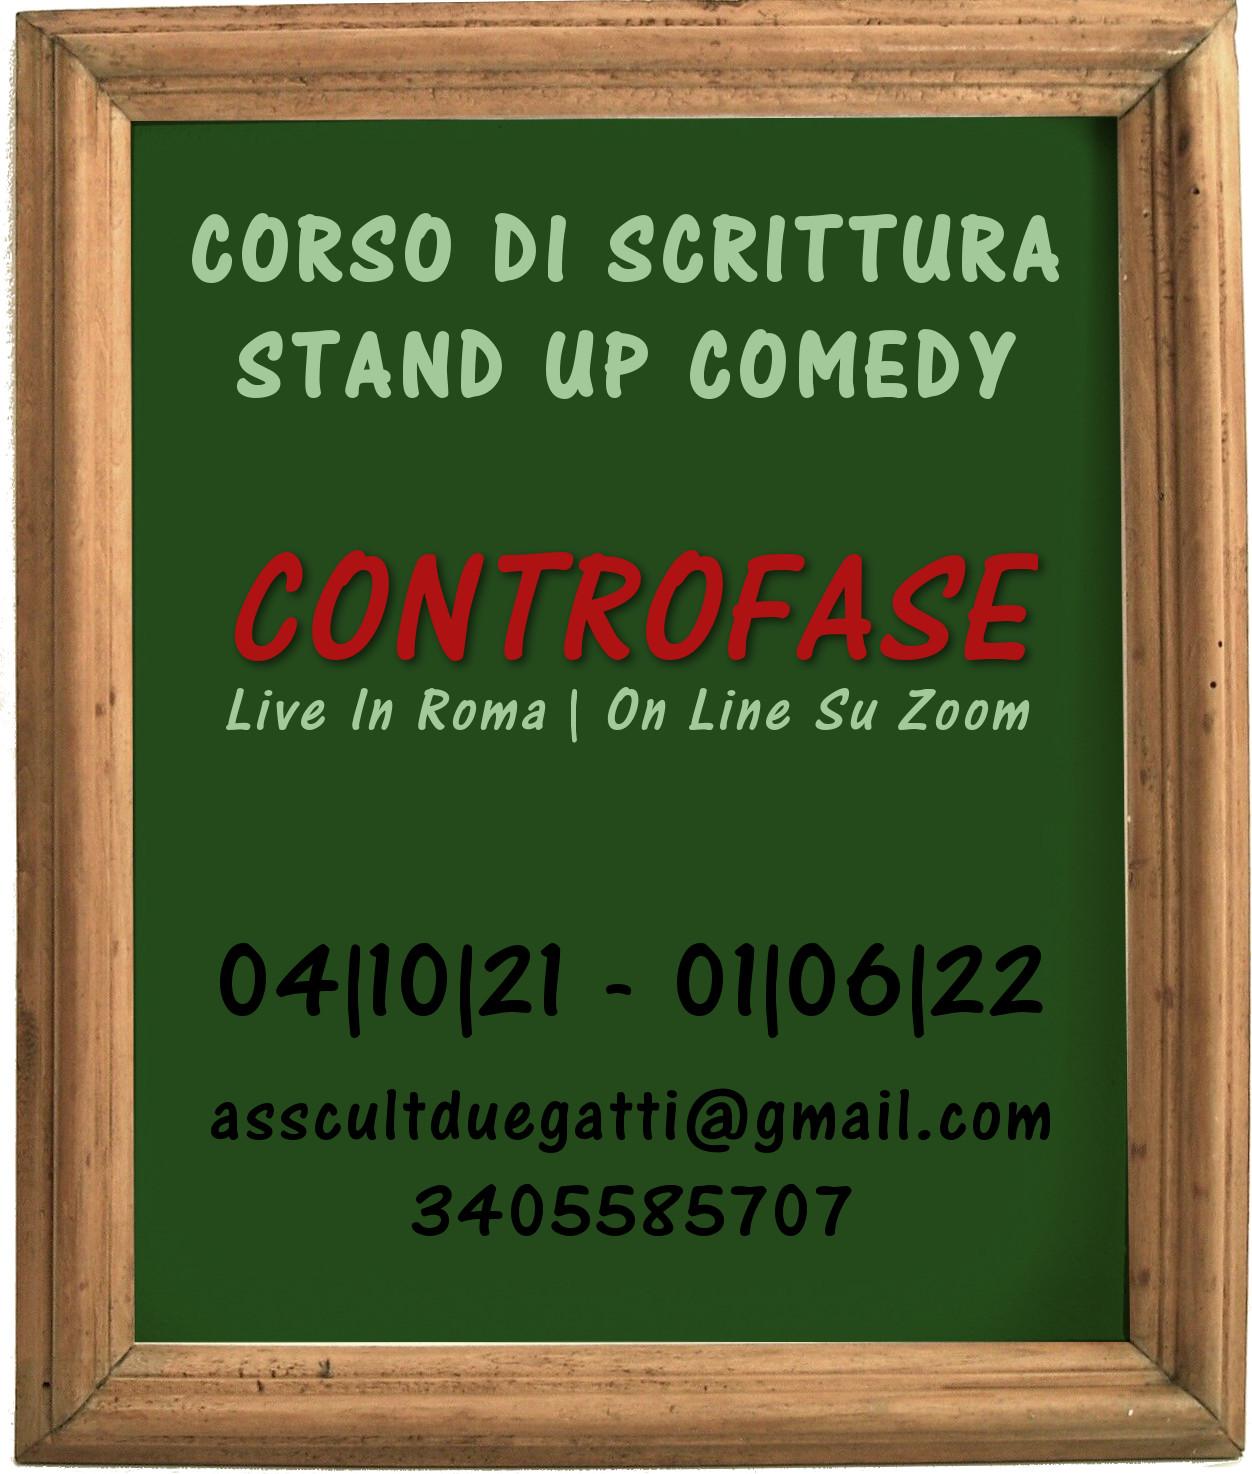 Corso Di Scrittura e stand up comedy on line